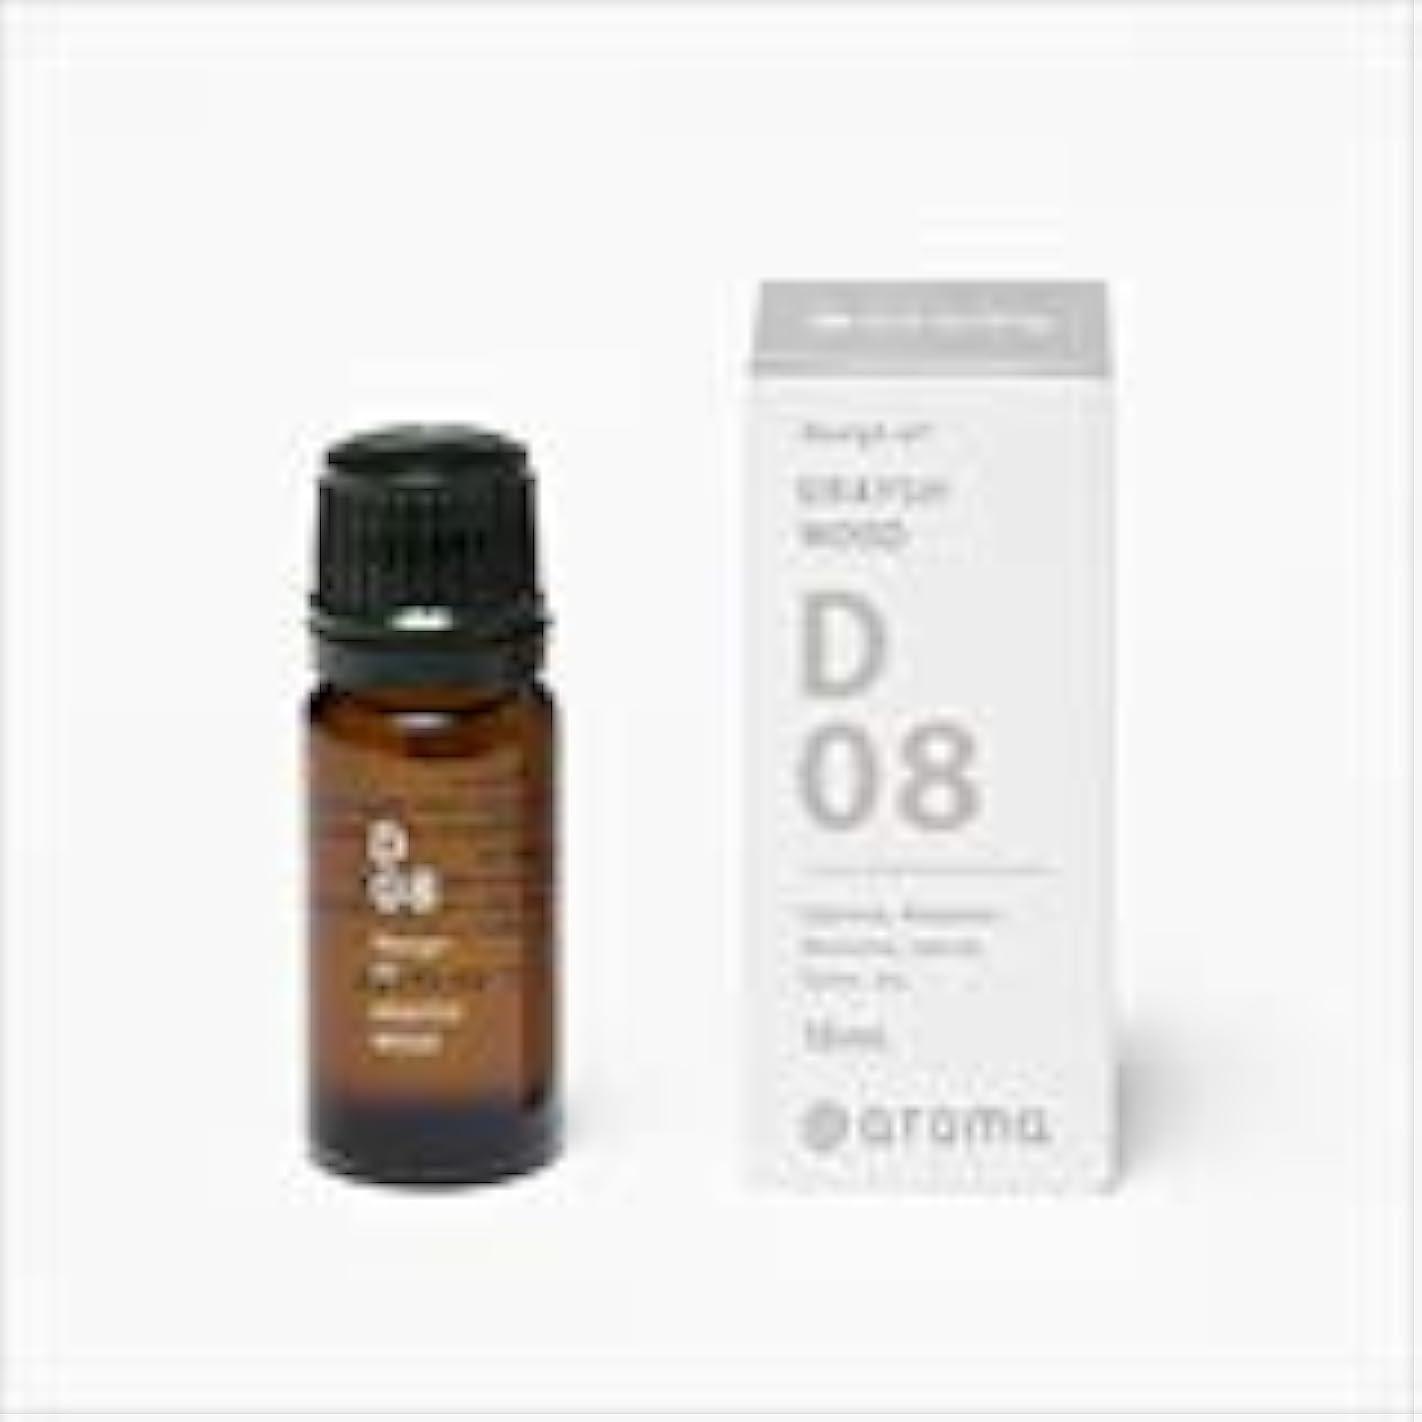 キルト小売不器用アットアロマ 100%pure essential oil <Design air ミスティーチャコール>